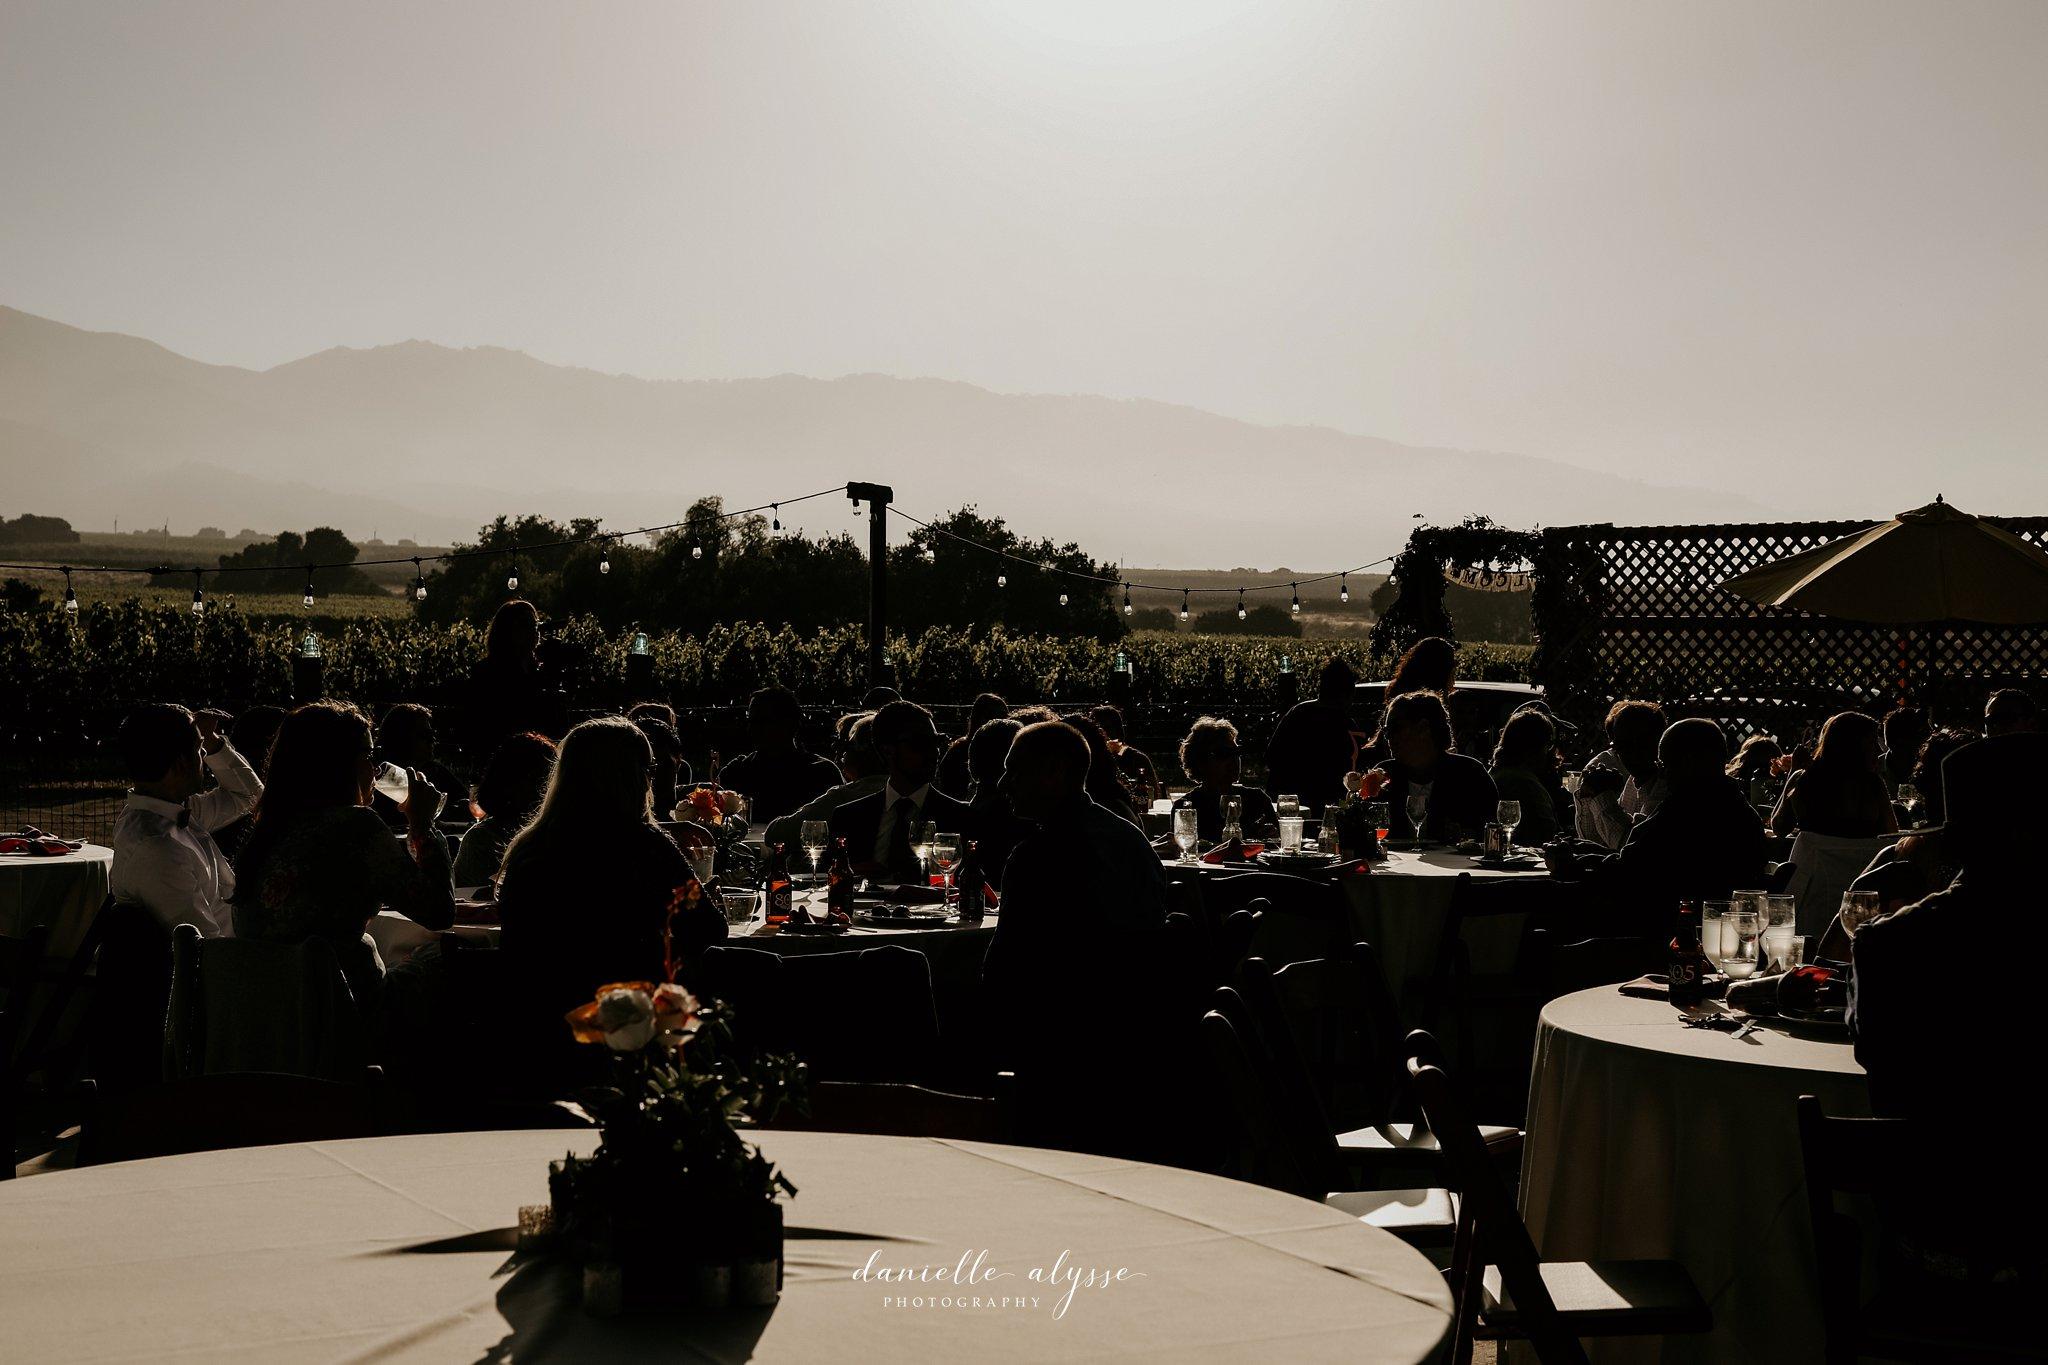 180630_wedding_lily_ryan_mission_soledad_california_danielle_alysse_photography_blog_928_WEB.jpg